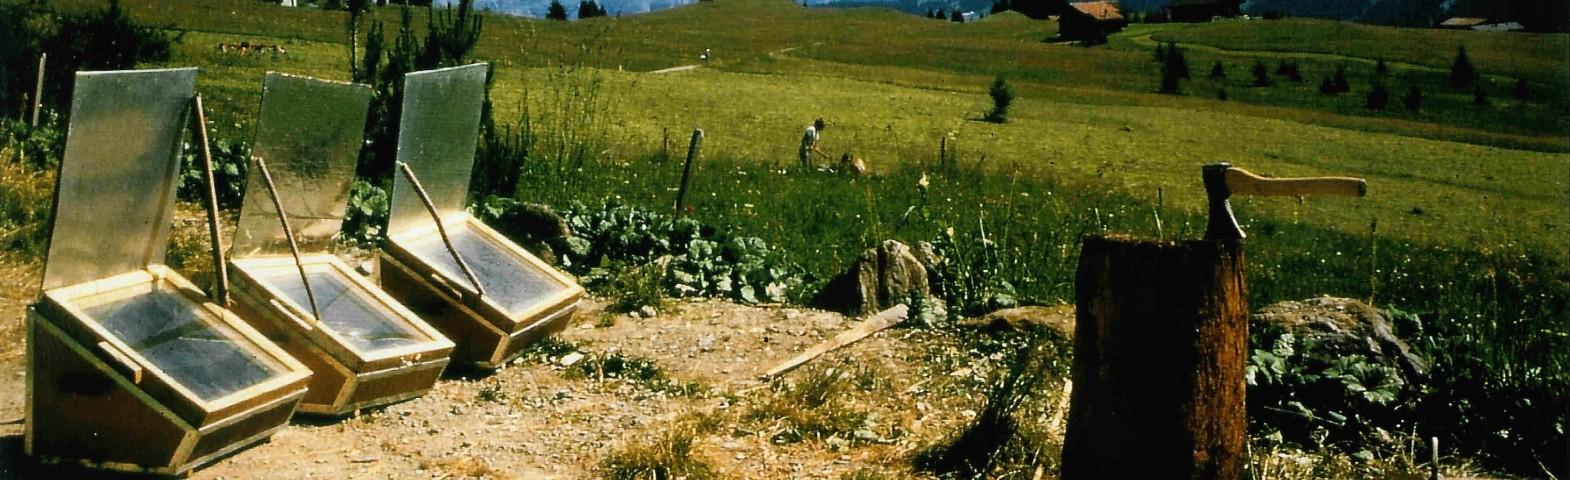 Solaröfen in der Schweiz